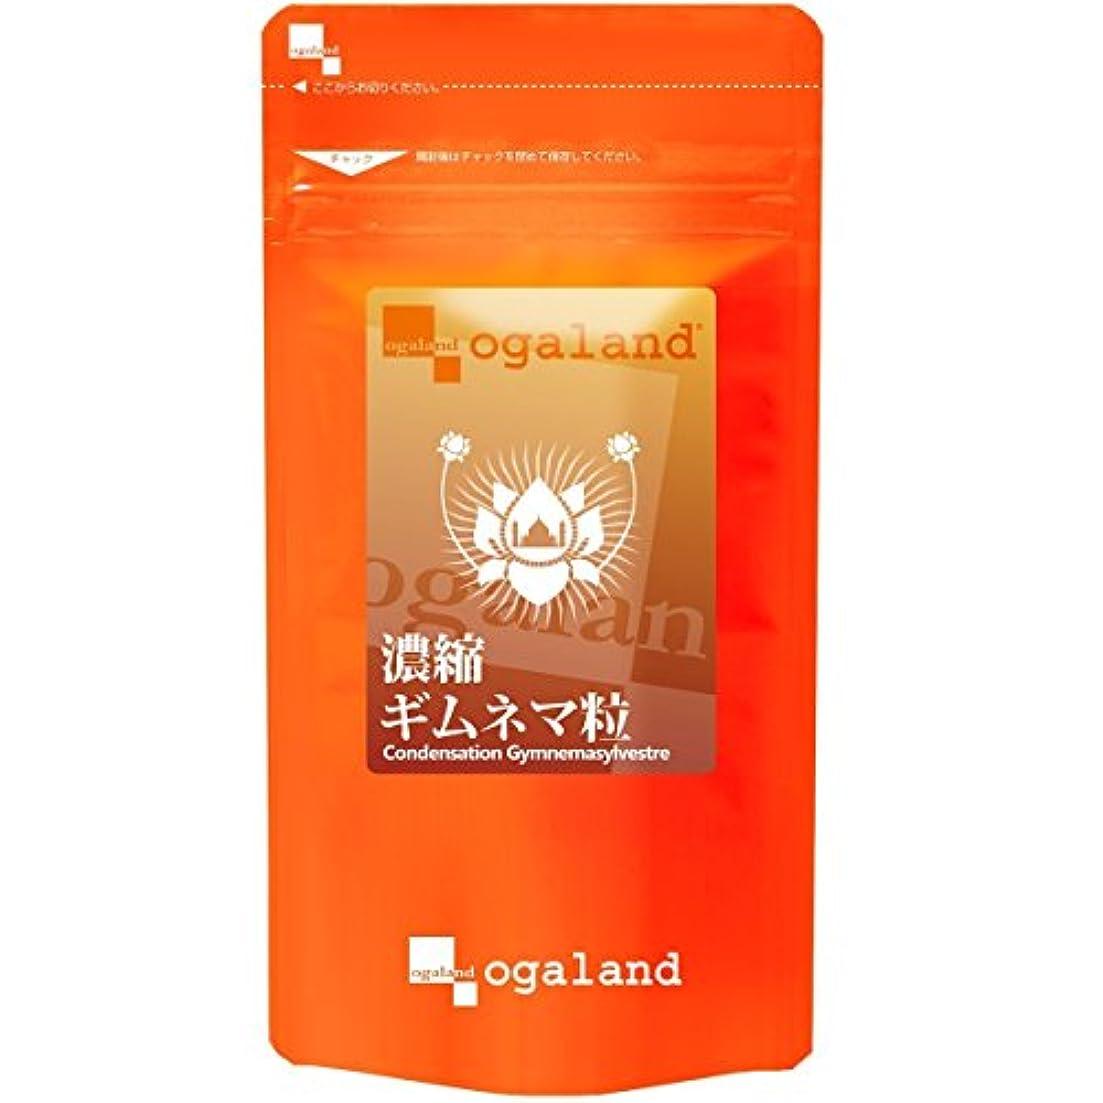 ペフトラクターパフお徳用 濃縮 ギムネマ 粒 (270粒/約3ヶ月分) ダイエットサプリメント